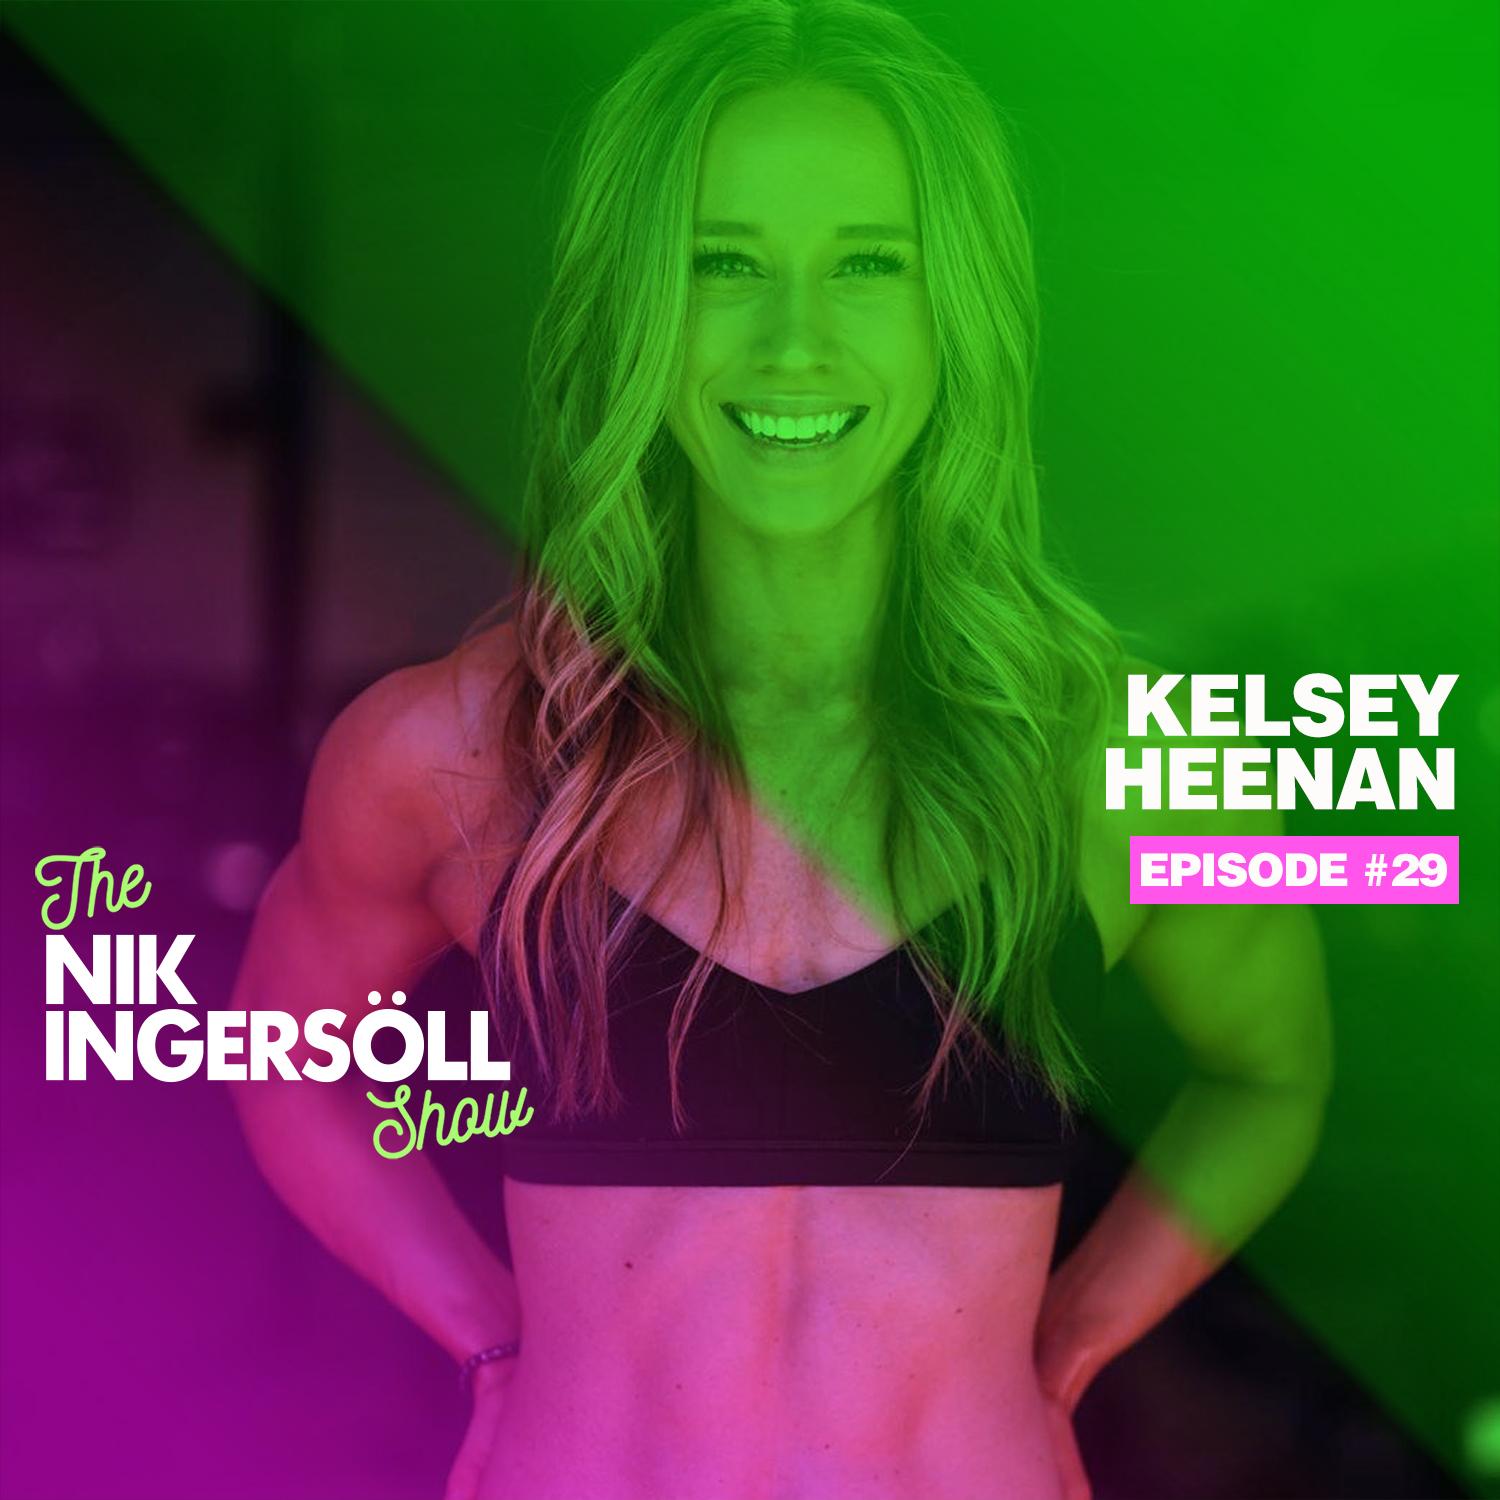 Kelsey Heenan - Fitness, Digital Workouts & Body Image